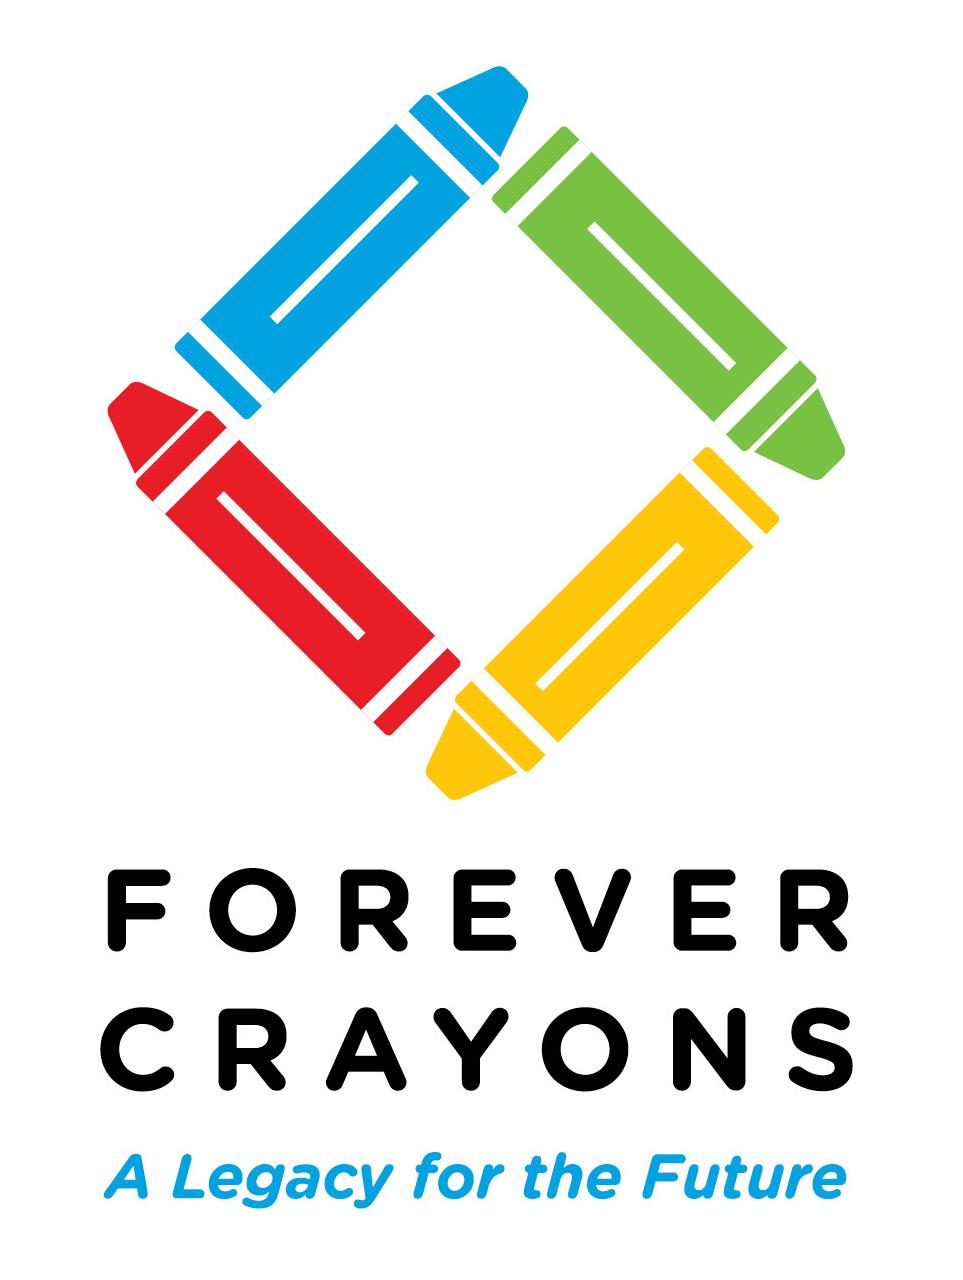 ForeverCrayonsLogo_Final.jpg